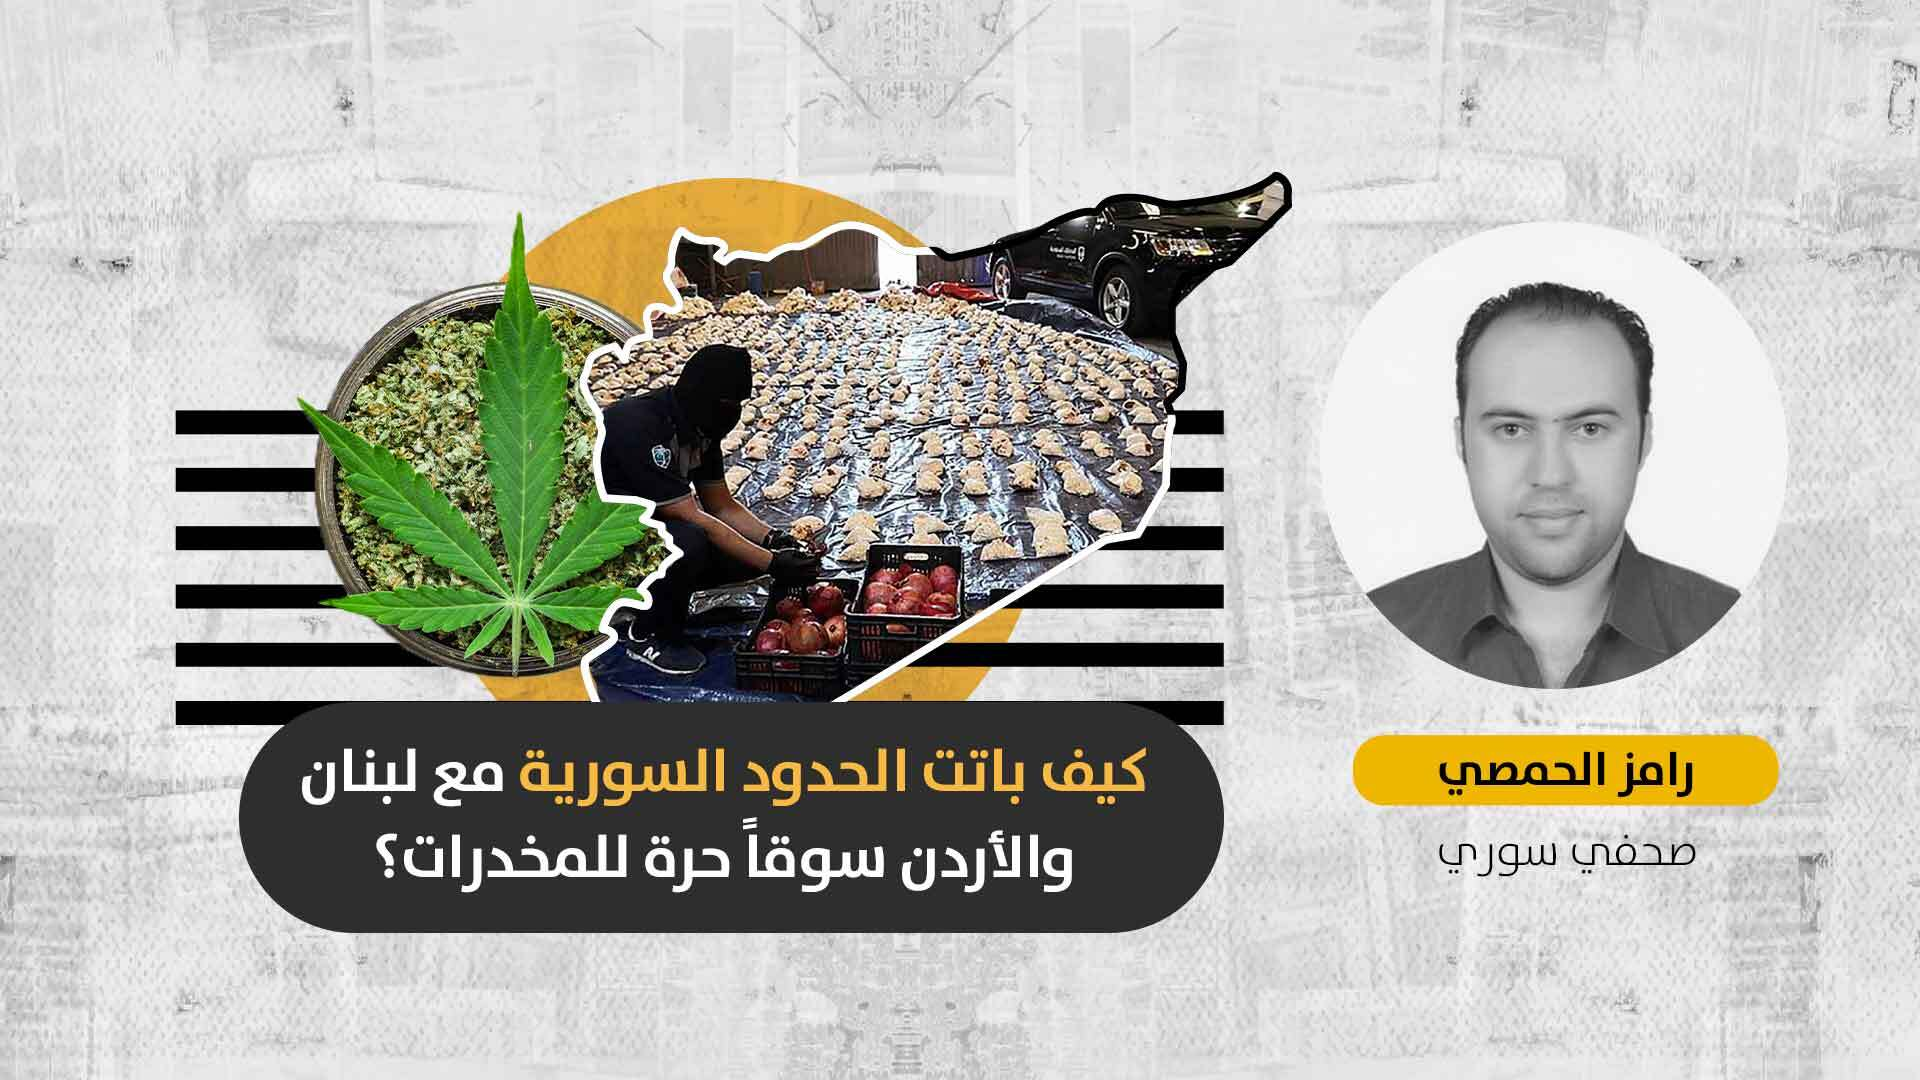 """طرق الحشيش و""""الكبتاغون"""": كيف تحوّلت سوريا إلى المركز الأساسي لتصنيع وتهريب المخدرات في الشرق الأوسط؟"""